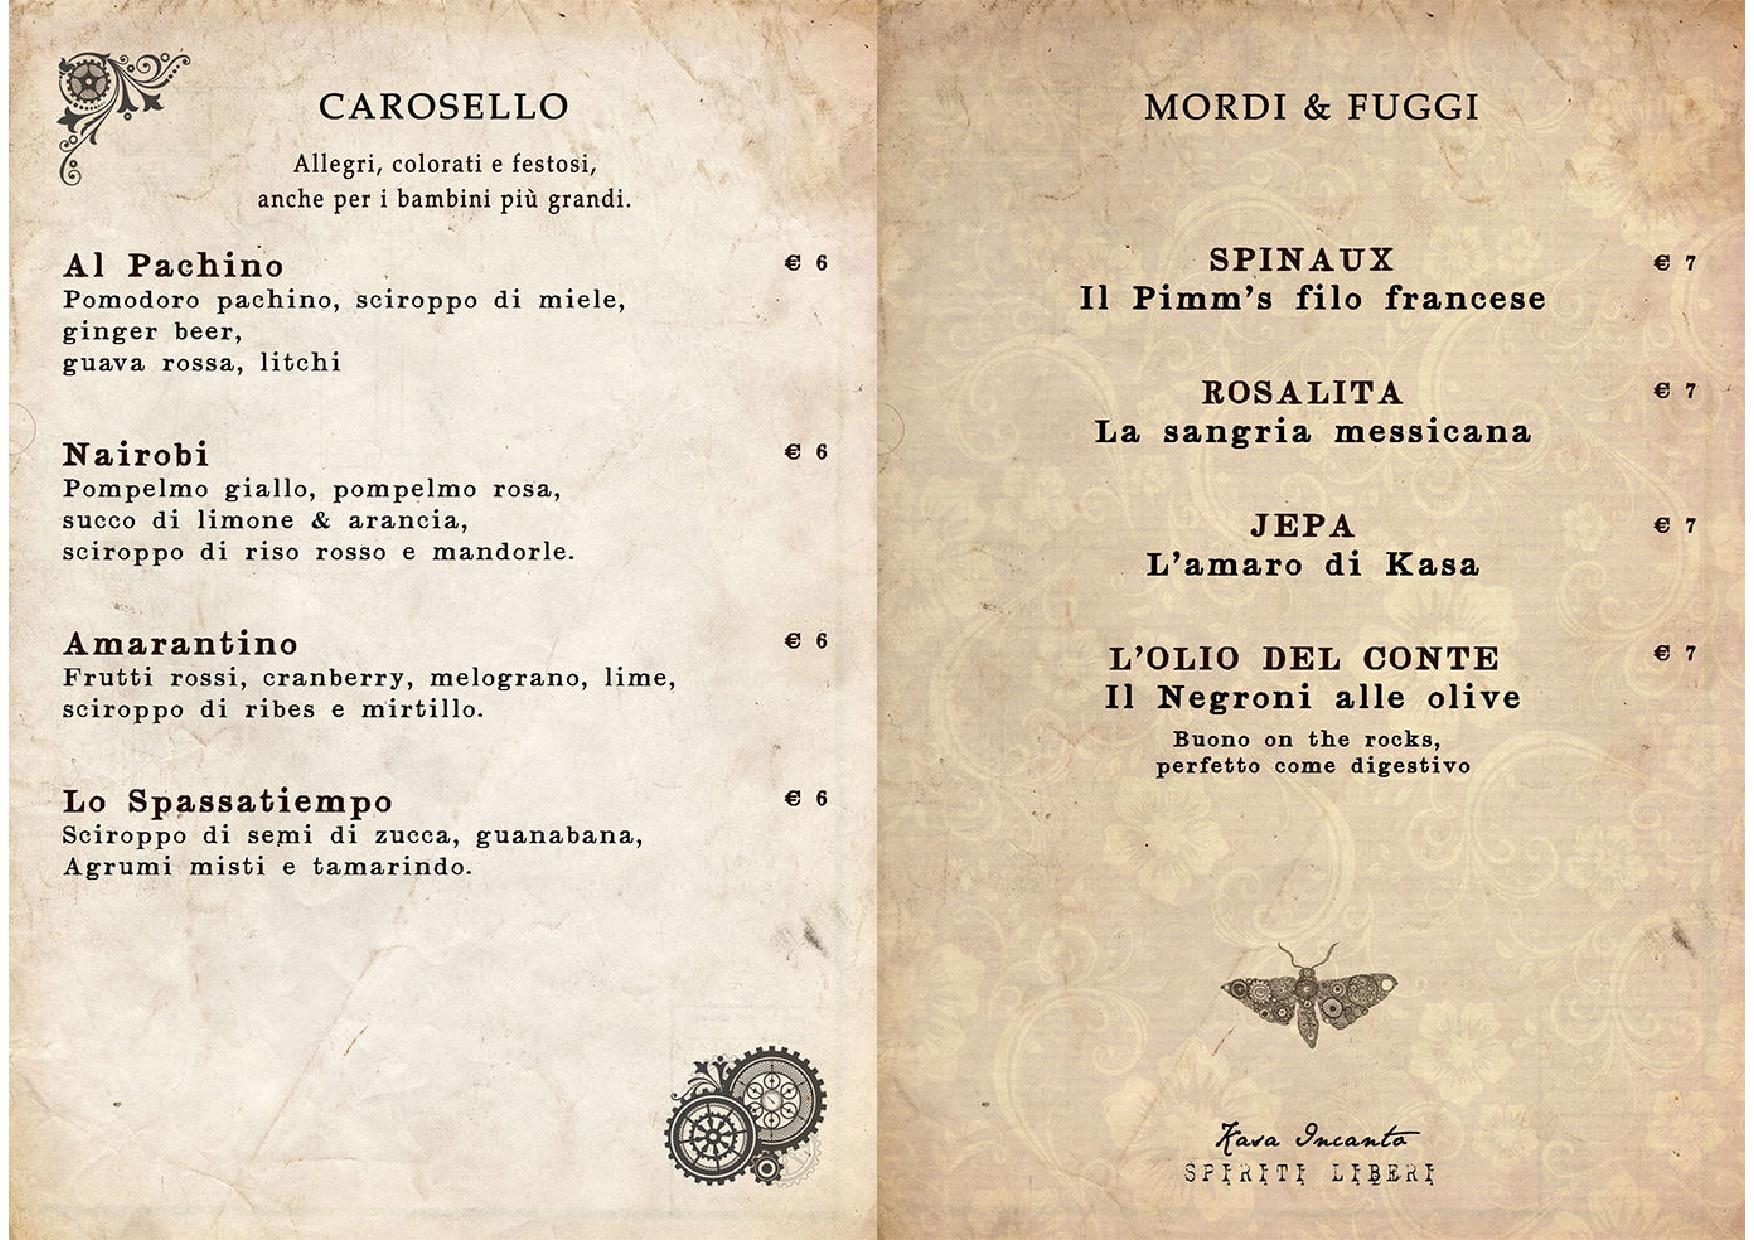 Almanacco dei Cocktails 2018-2019 by Fabio Camboni-page-009